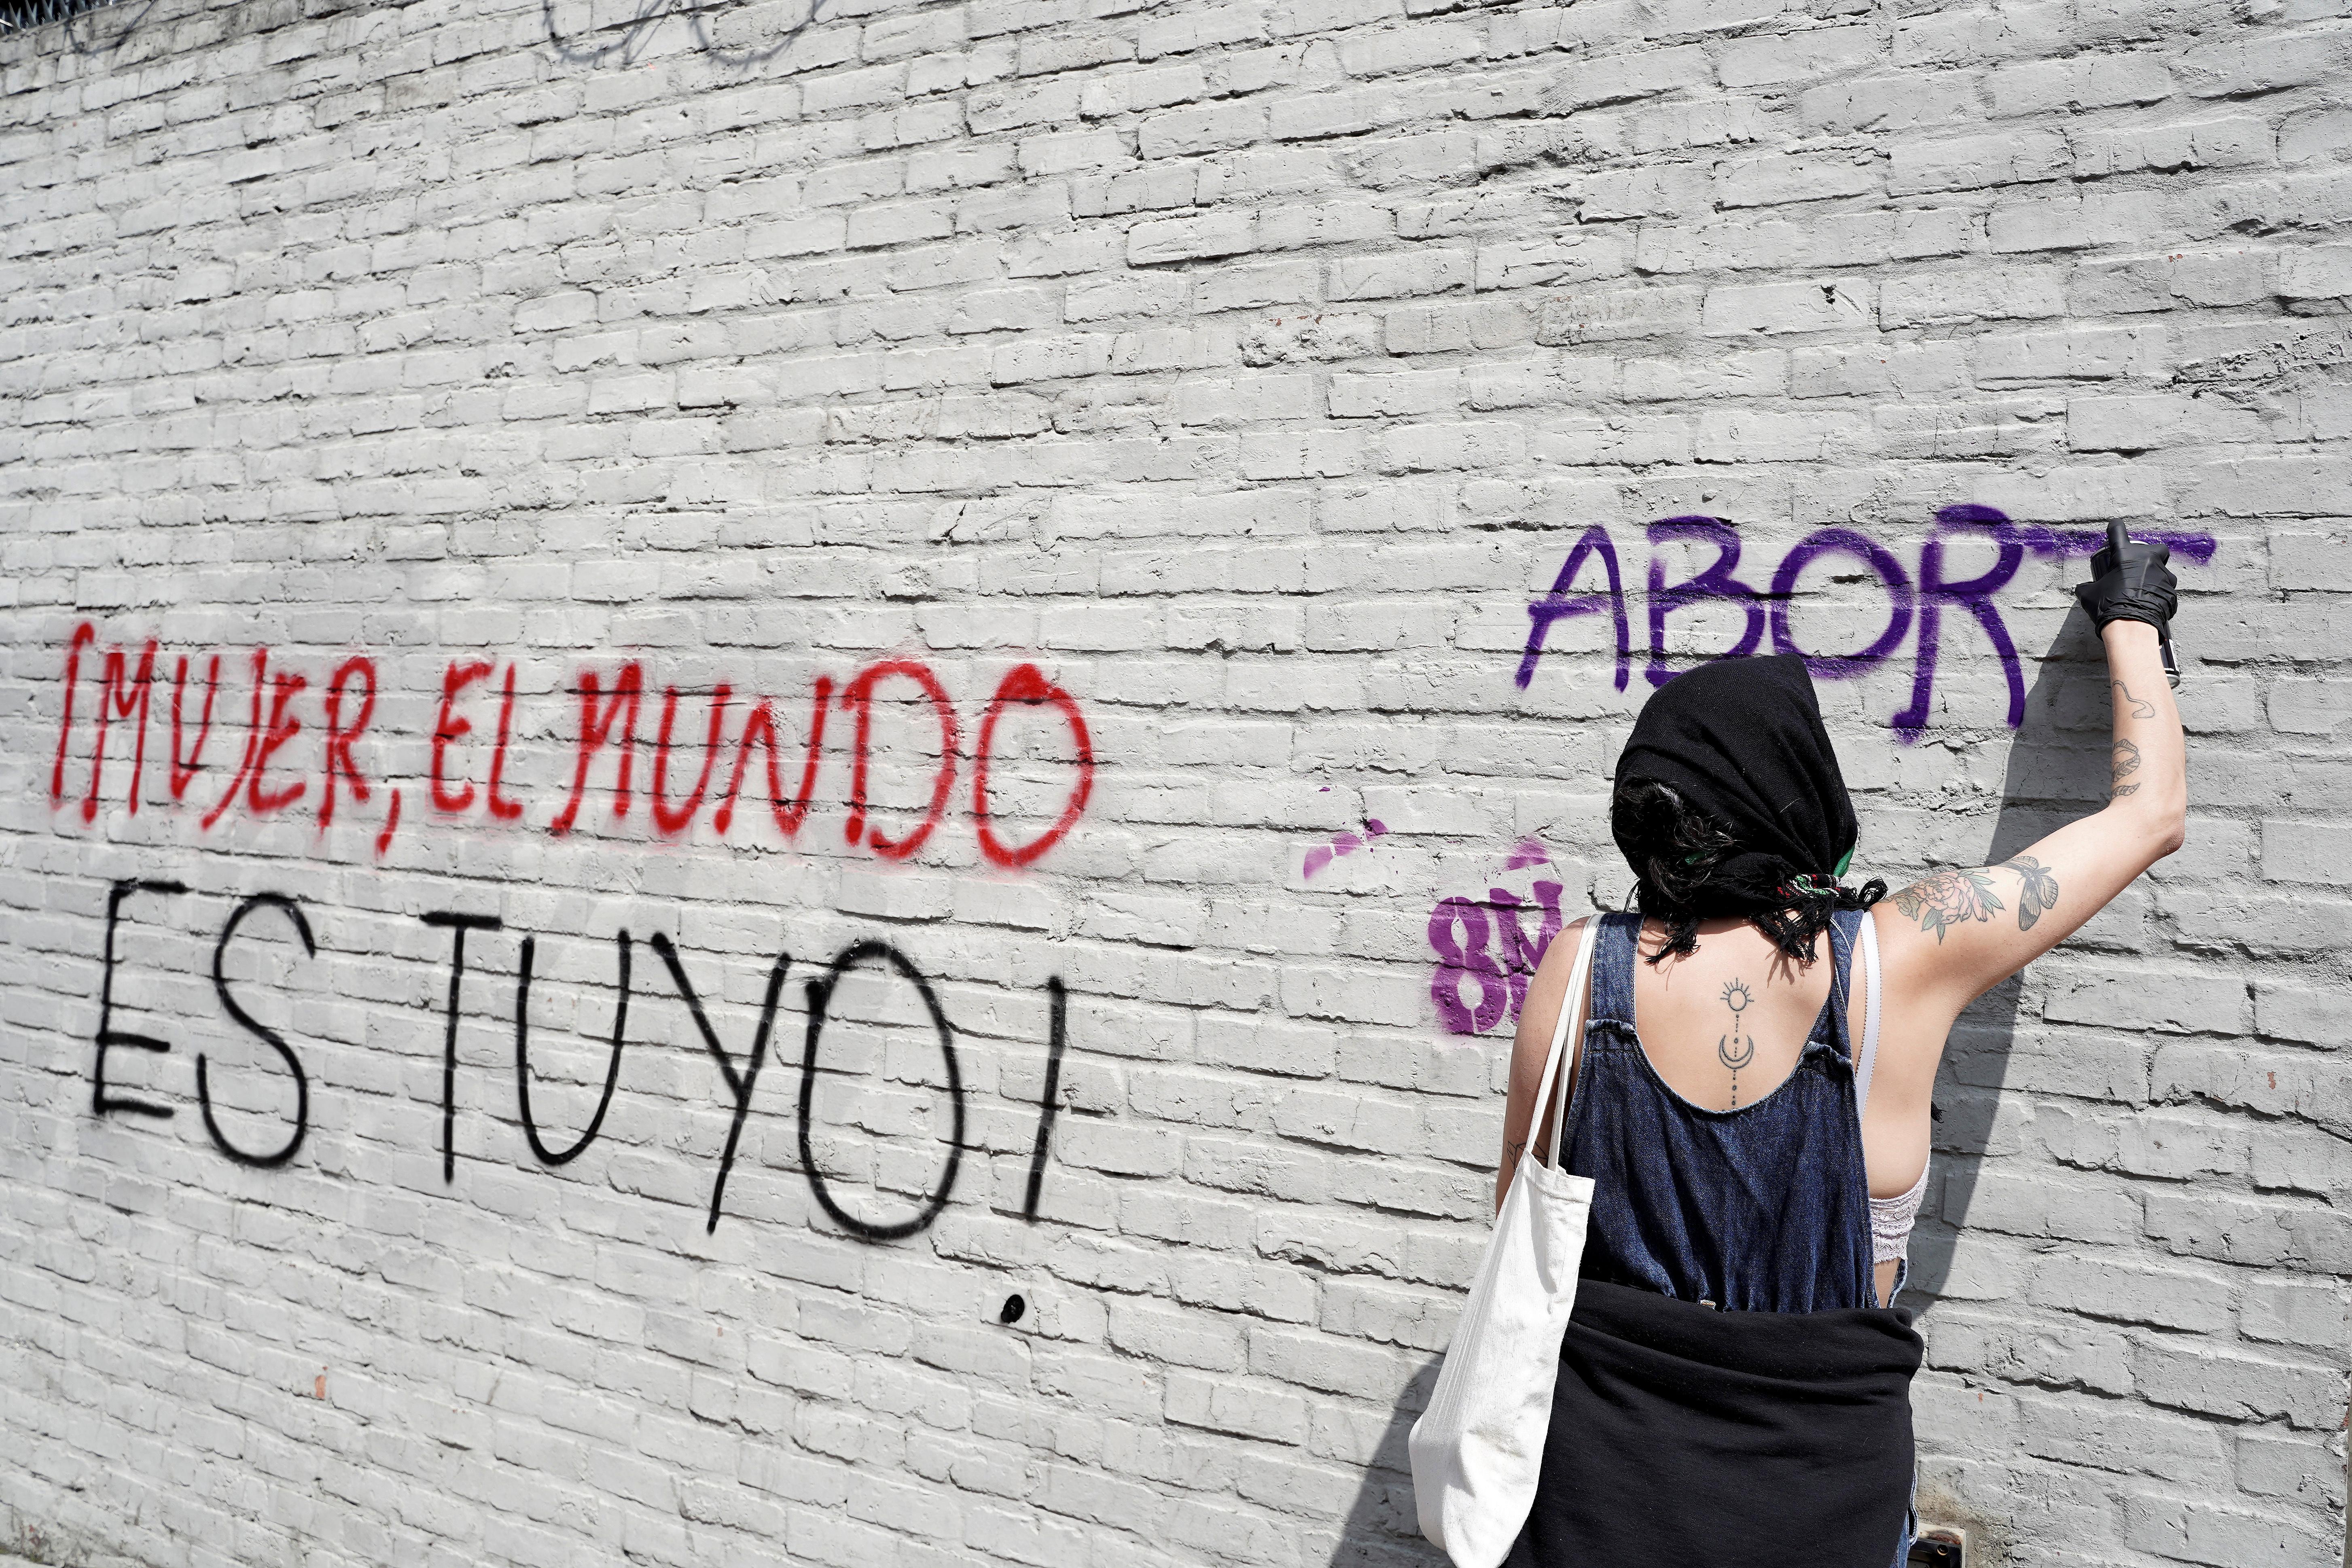 Una mujer pinta una pared con aerosol durante una marcha para conmemorar el Día Internacional de la Mujer en Bogotá, Colombia, el 8 de marzo de 2020. El graffiti dice